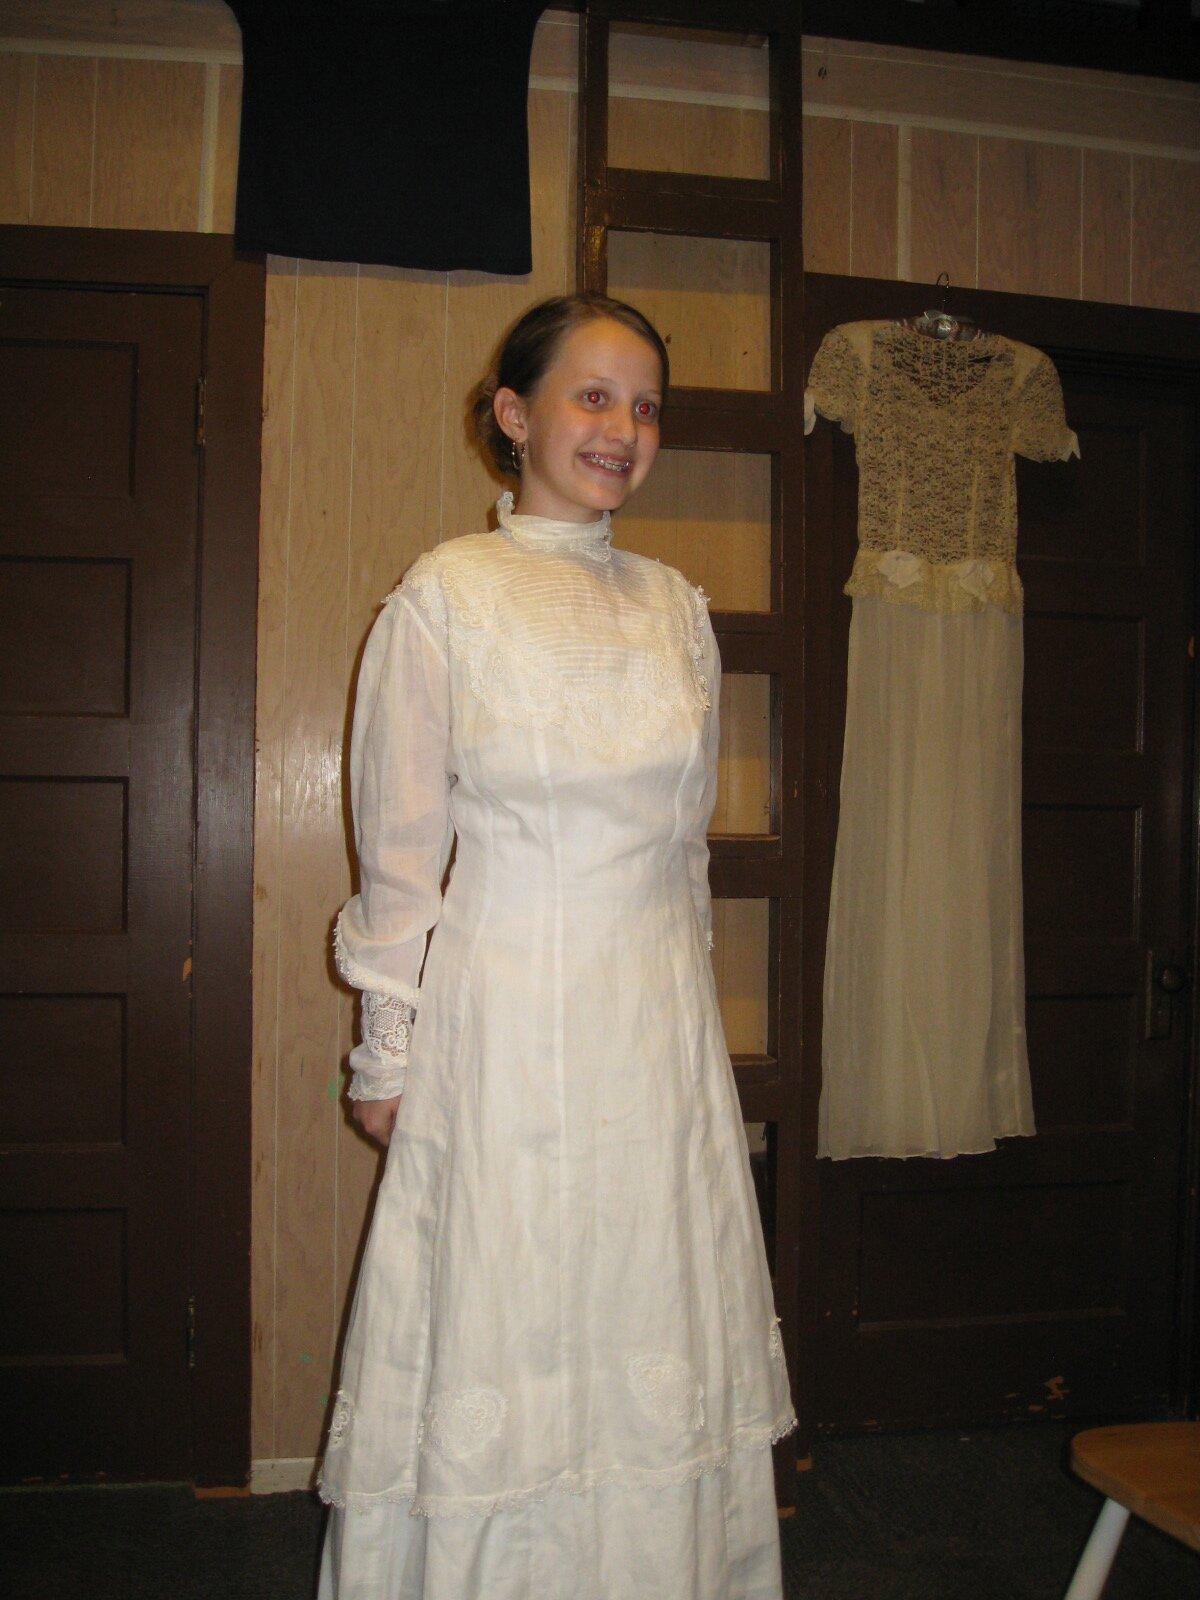 wedding dresses over 50 years old | Wedding